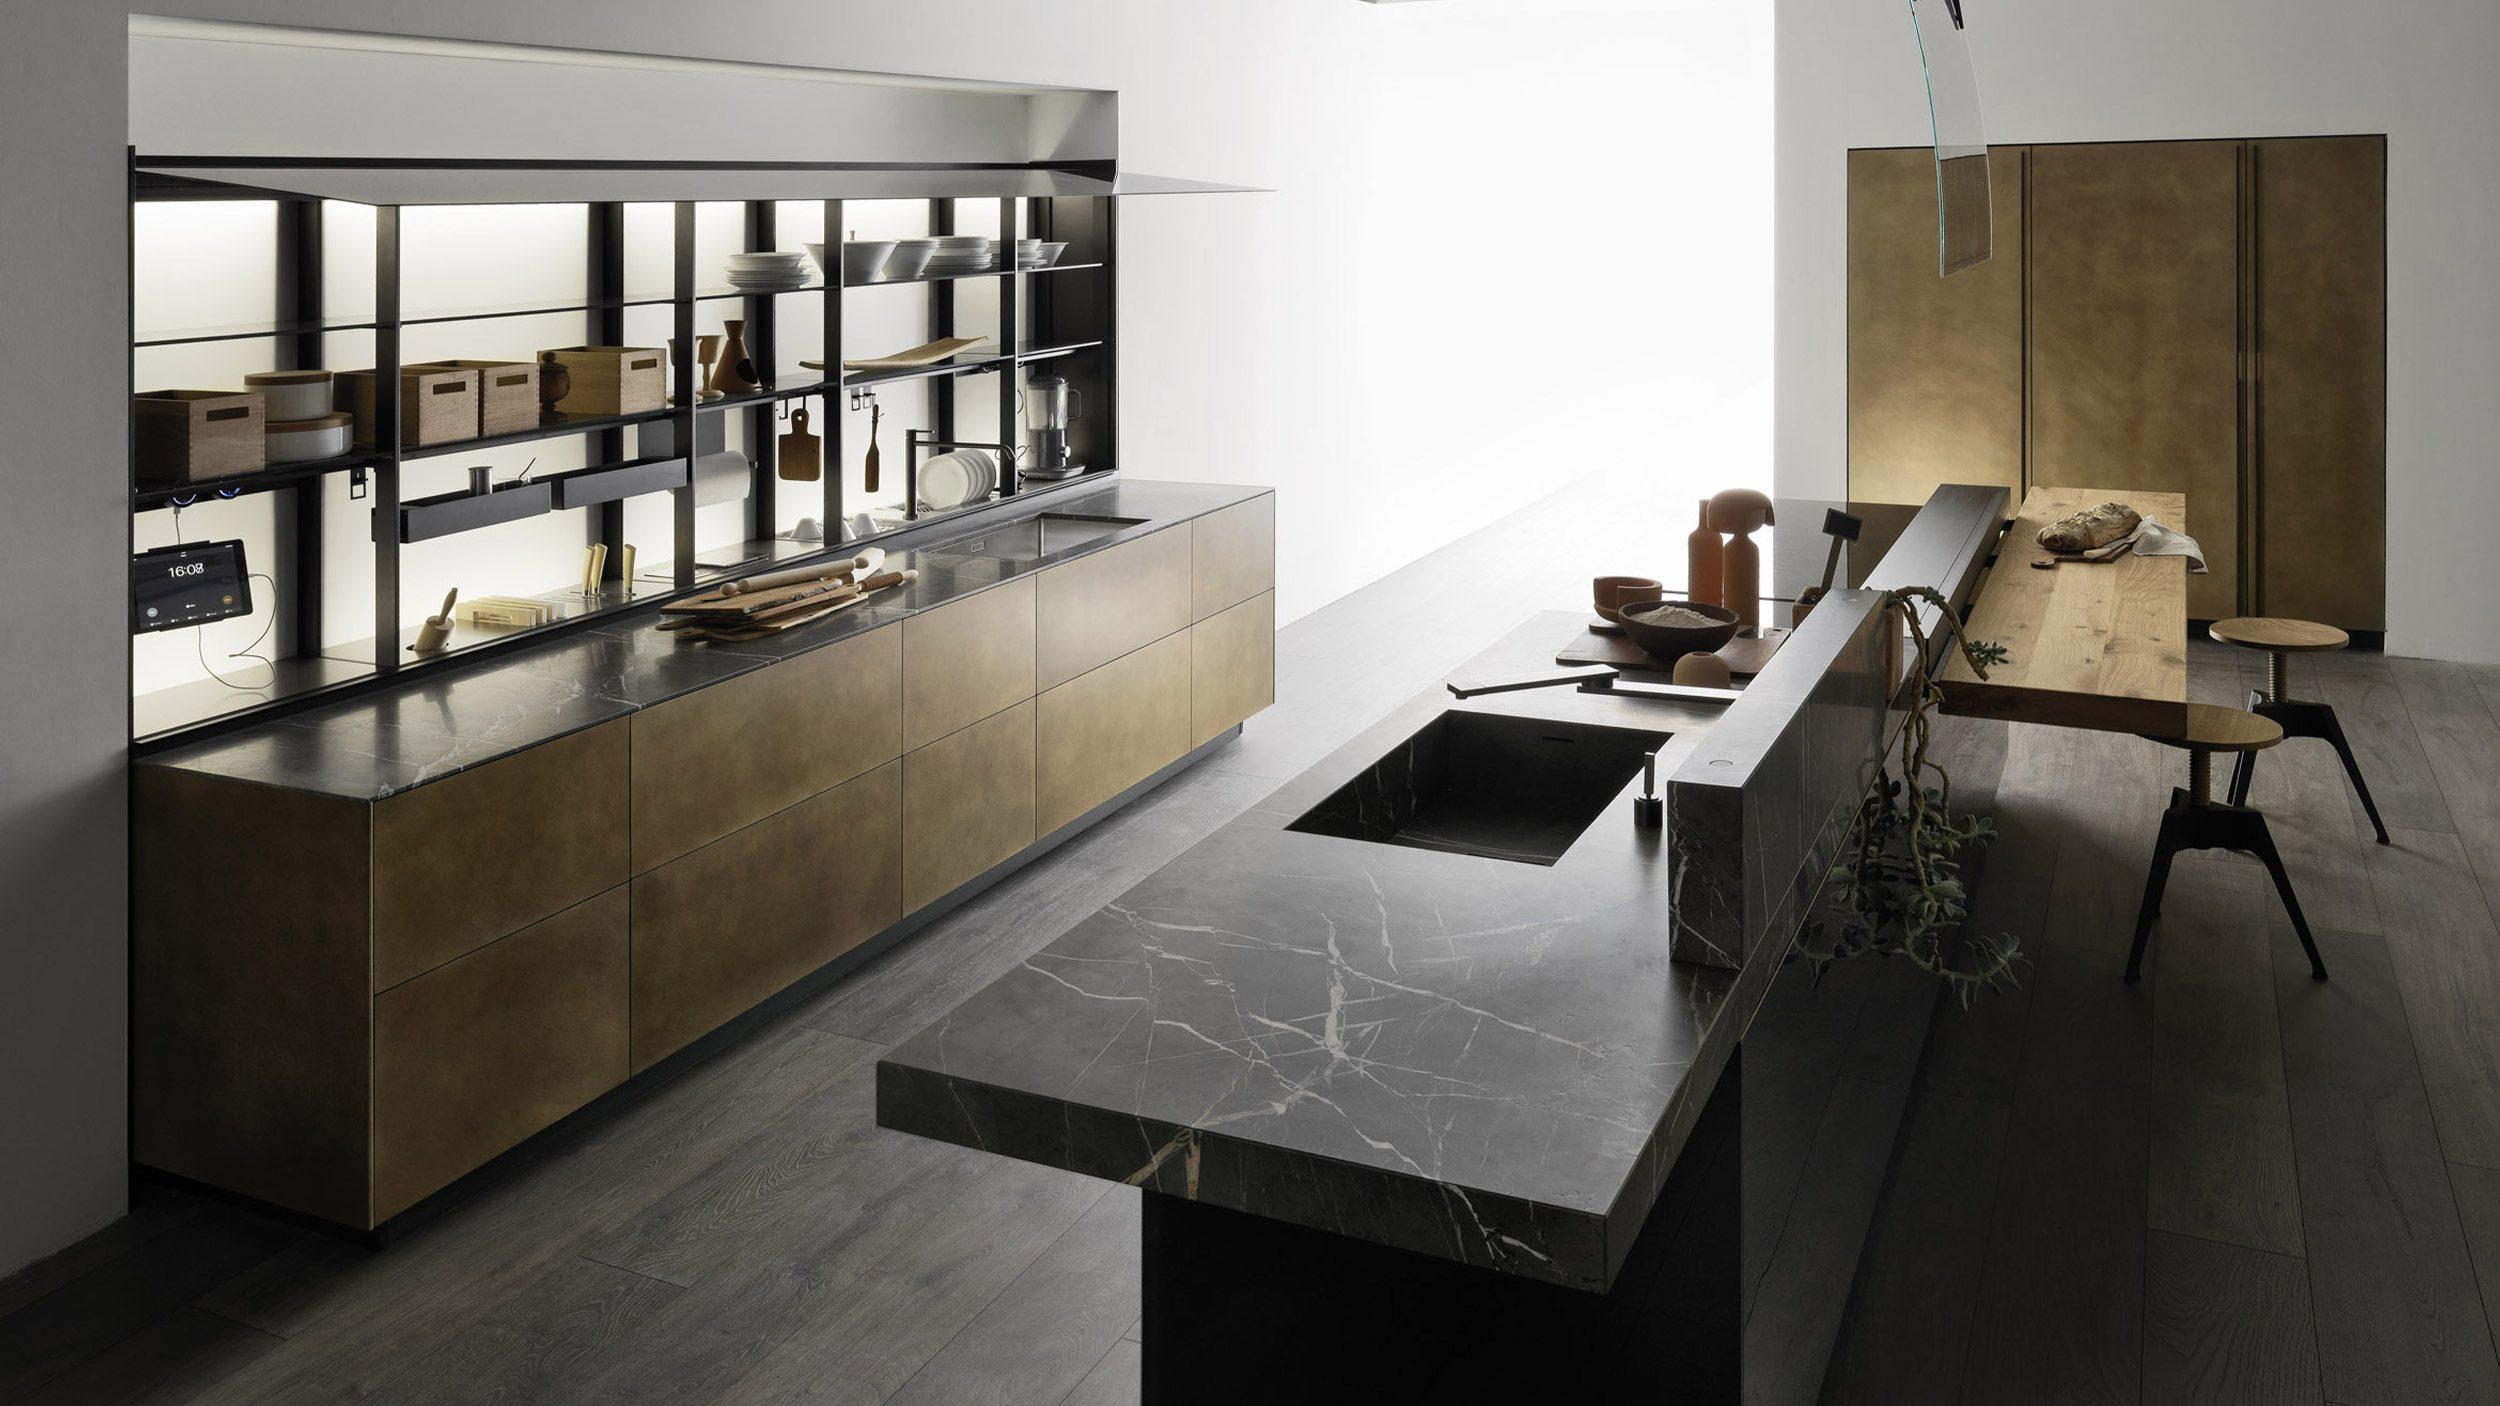 Küche Artematica von Valcucine mit offener Front